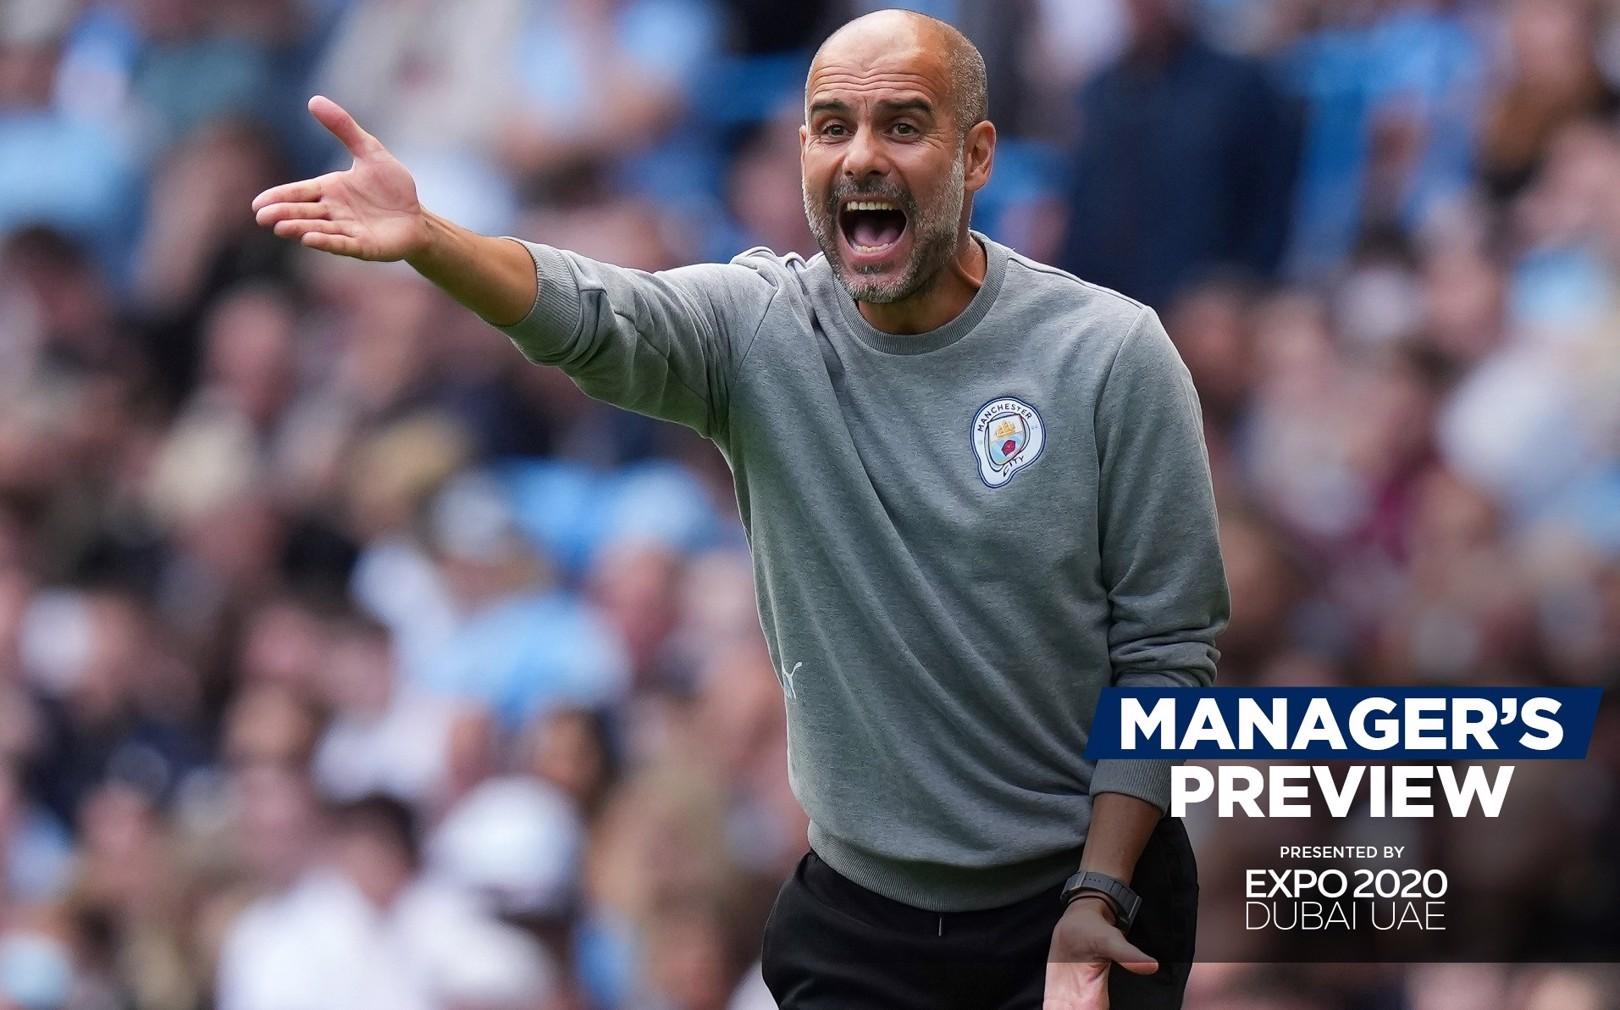 Pep feels 'privileged' ahead of huge week for City